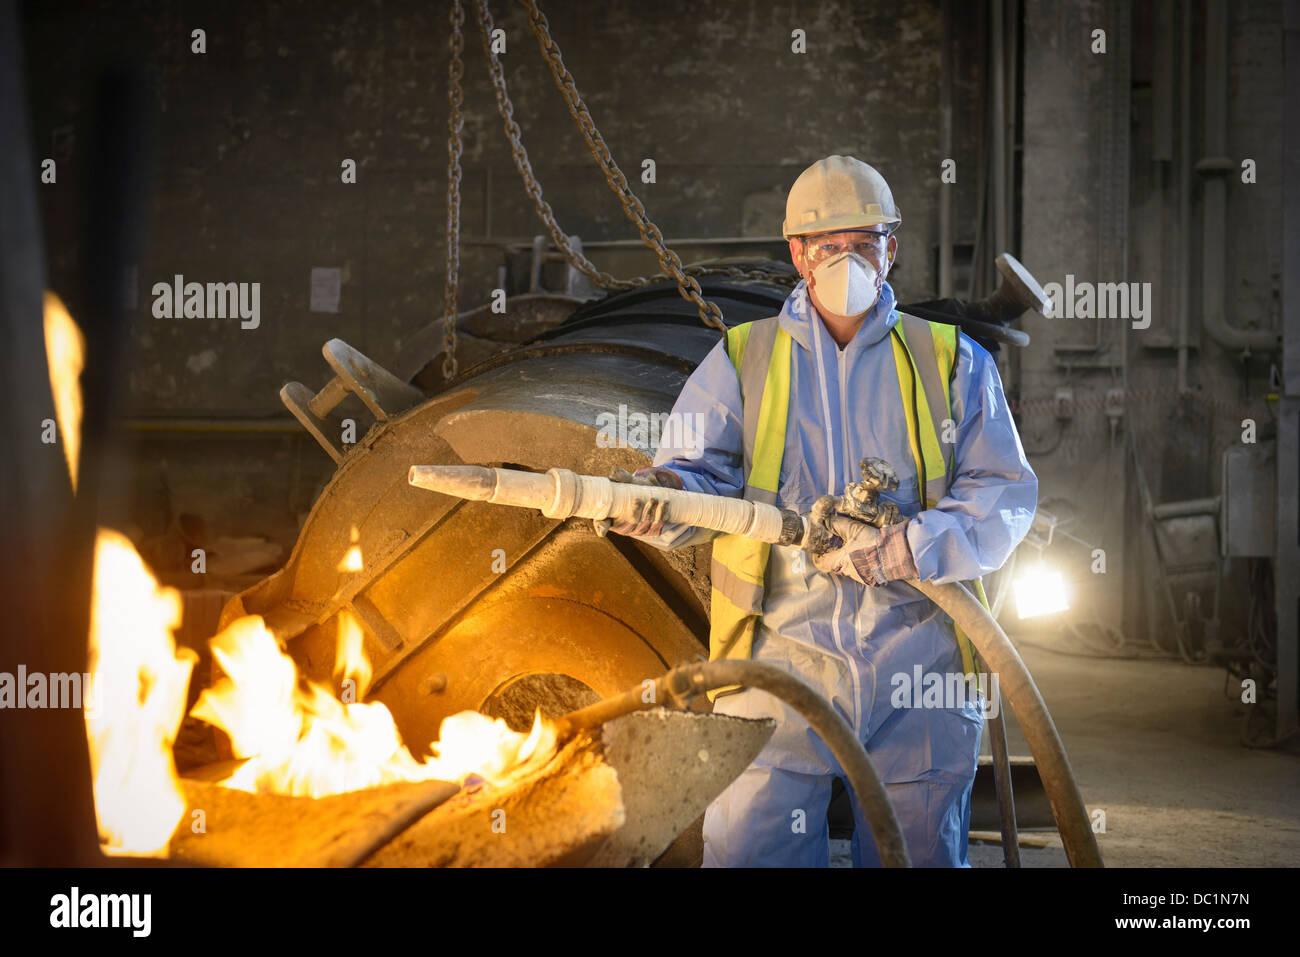 Portrait de steel worker holding flexible industriel in steel foundry Photo Stock